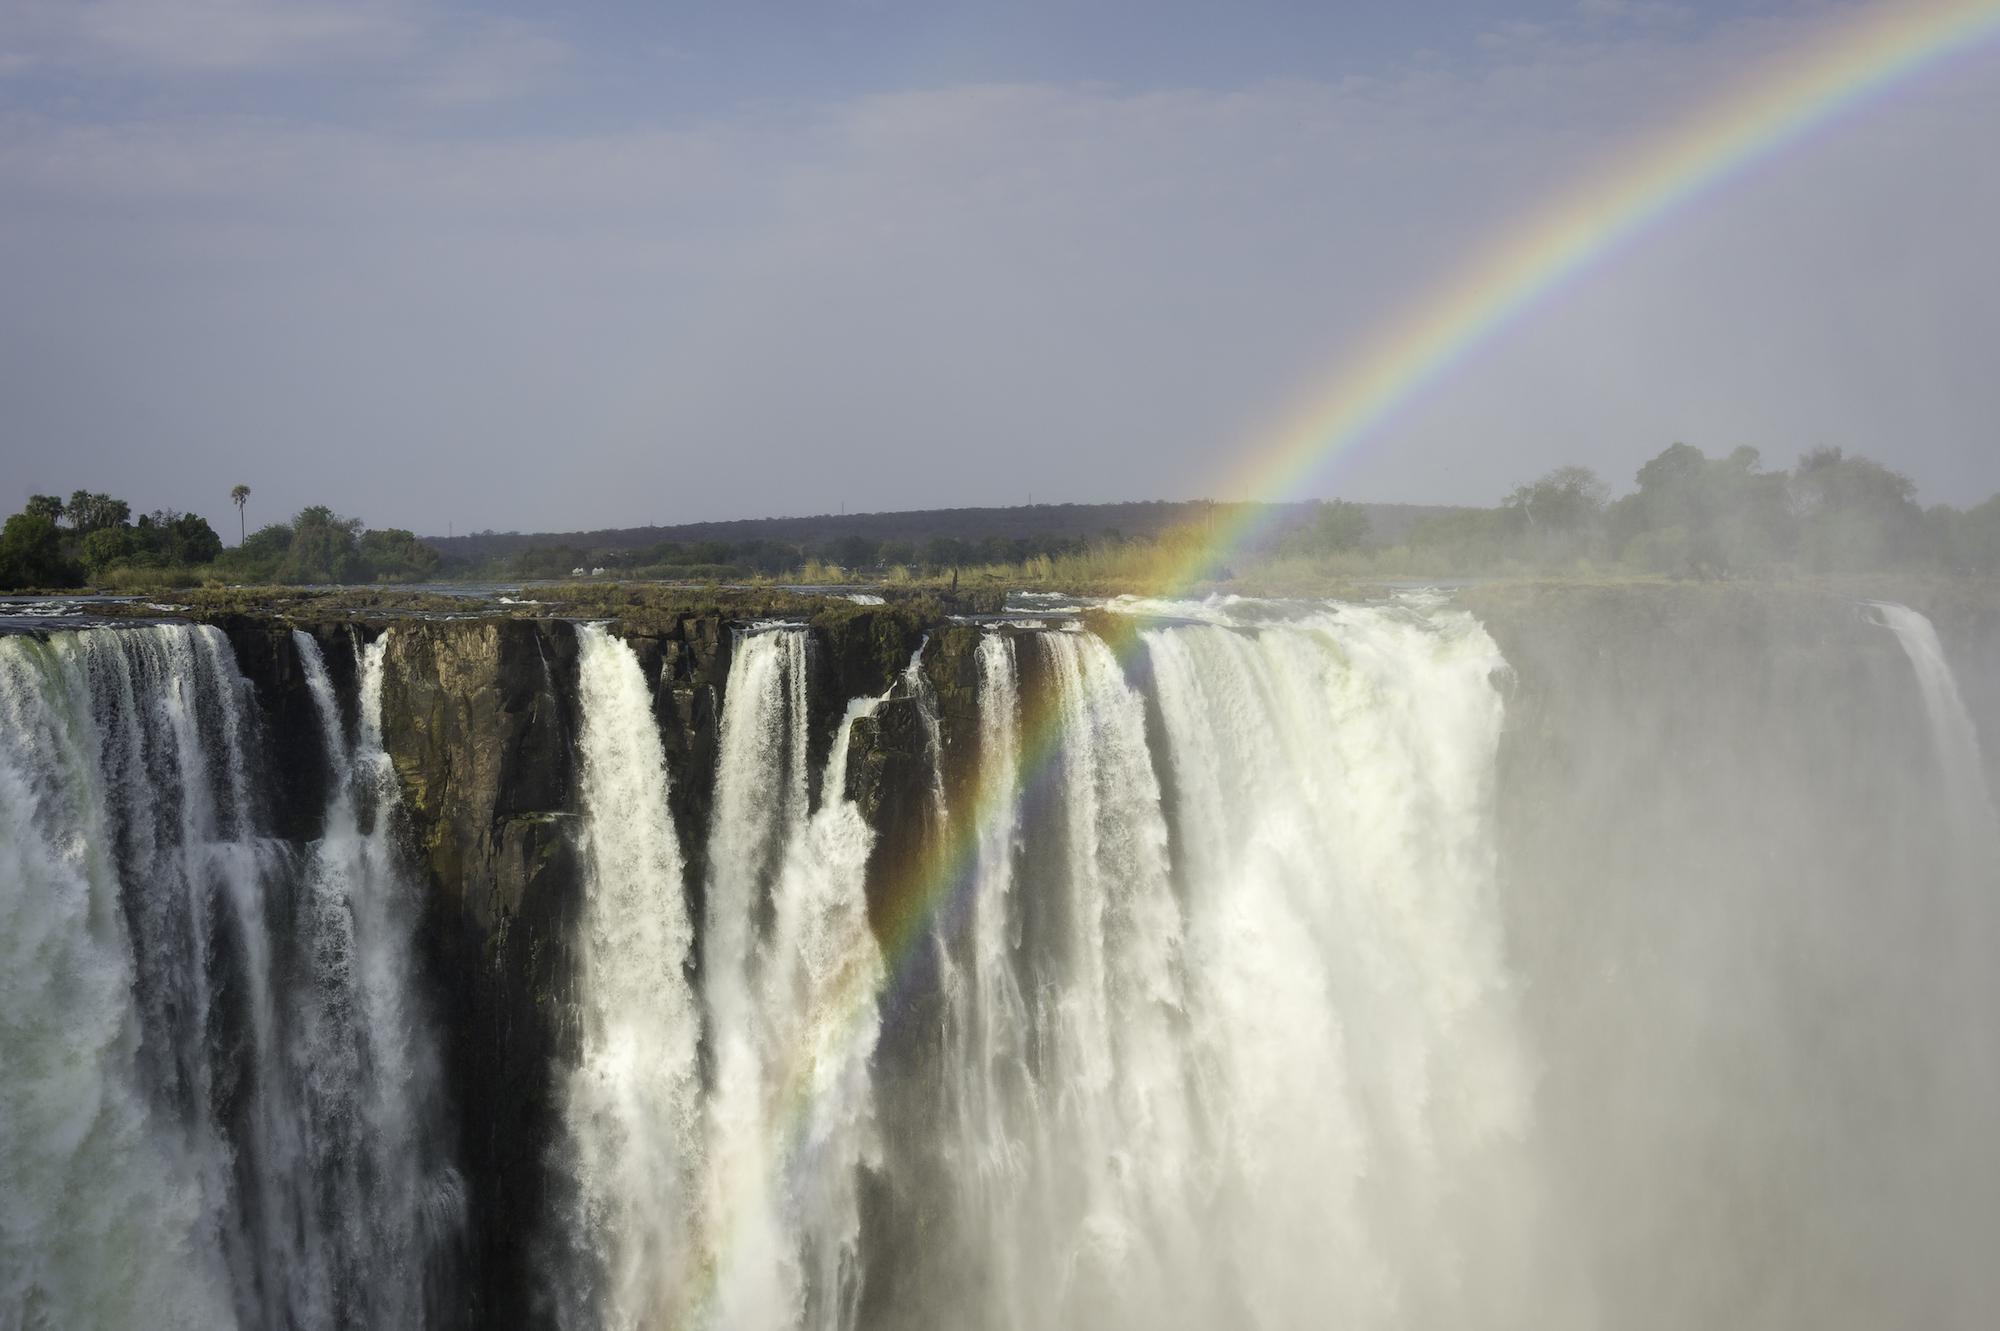 De Victoriawatervallen liggen op slechts 12 kilometer afstand van de ecolodge Toka Leya